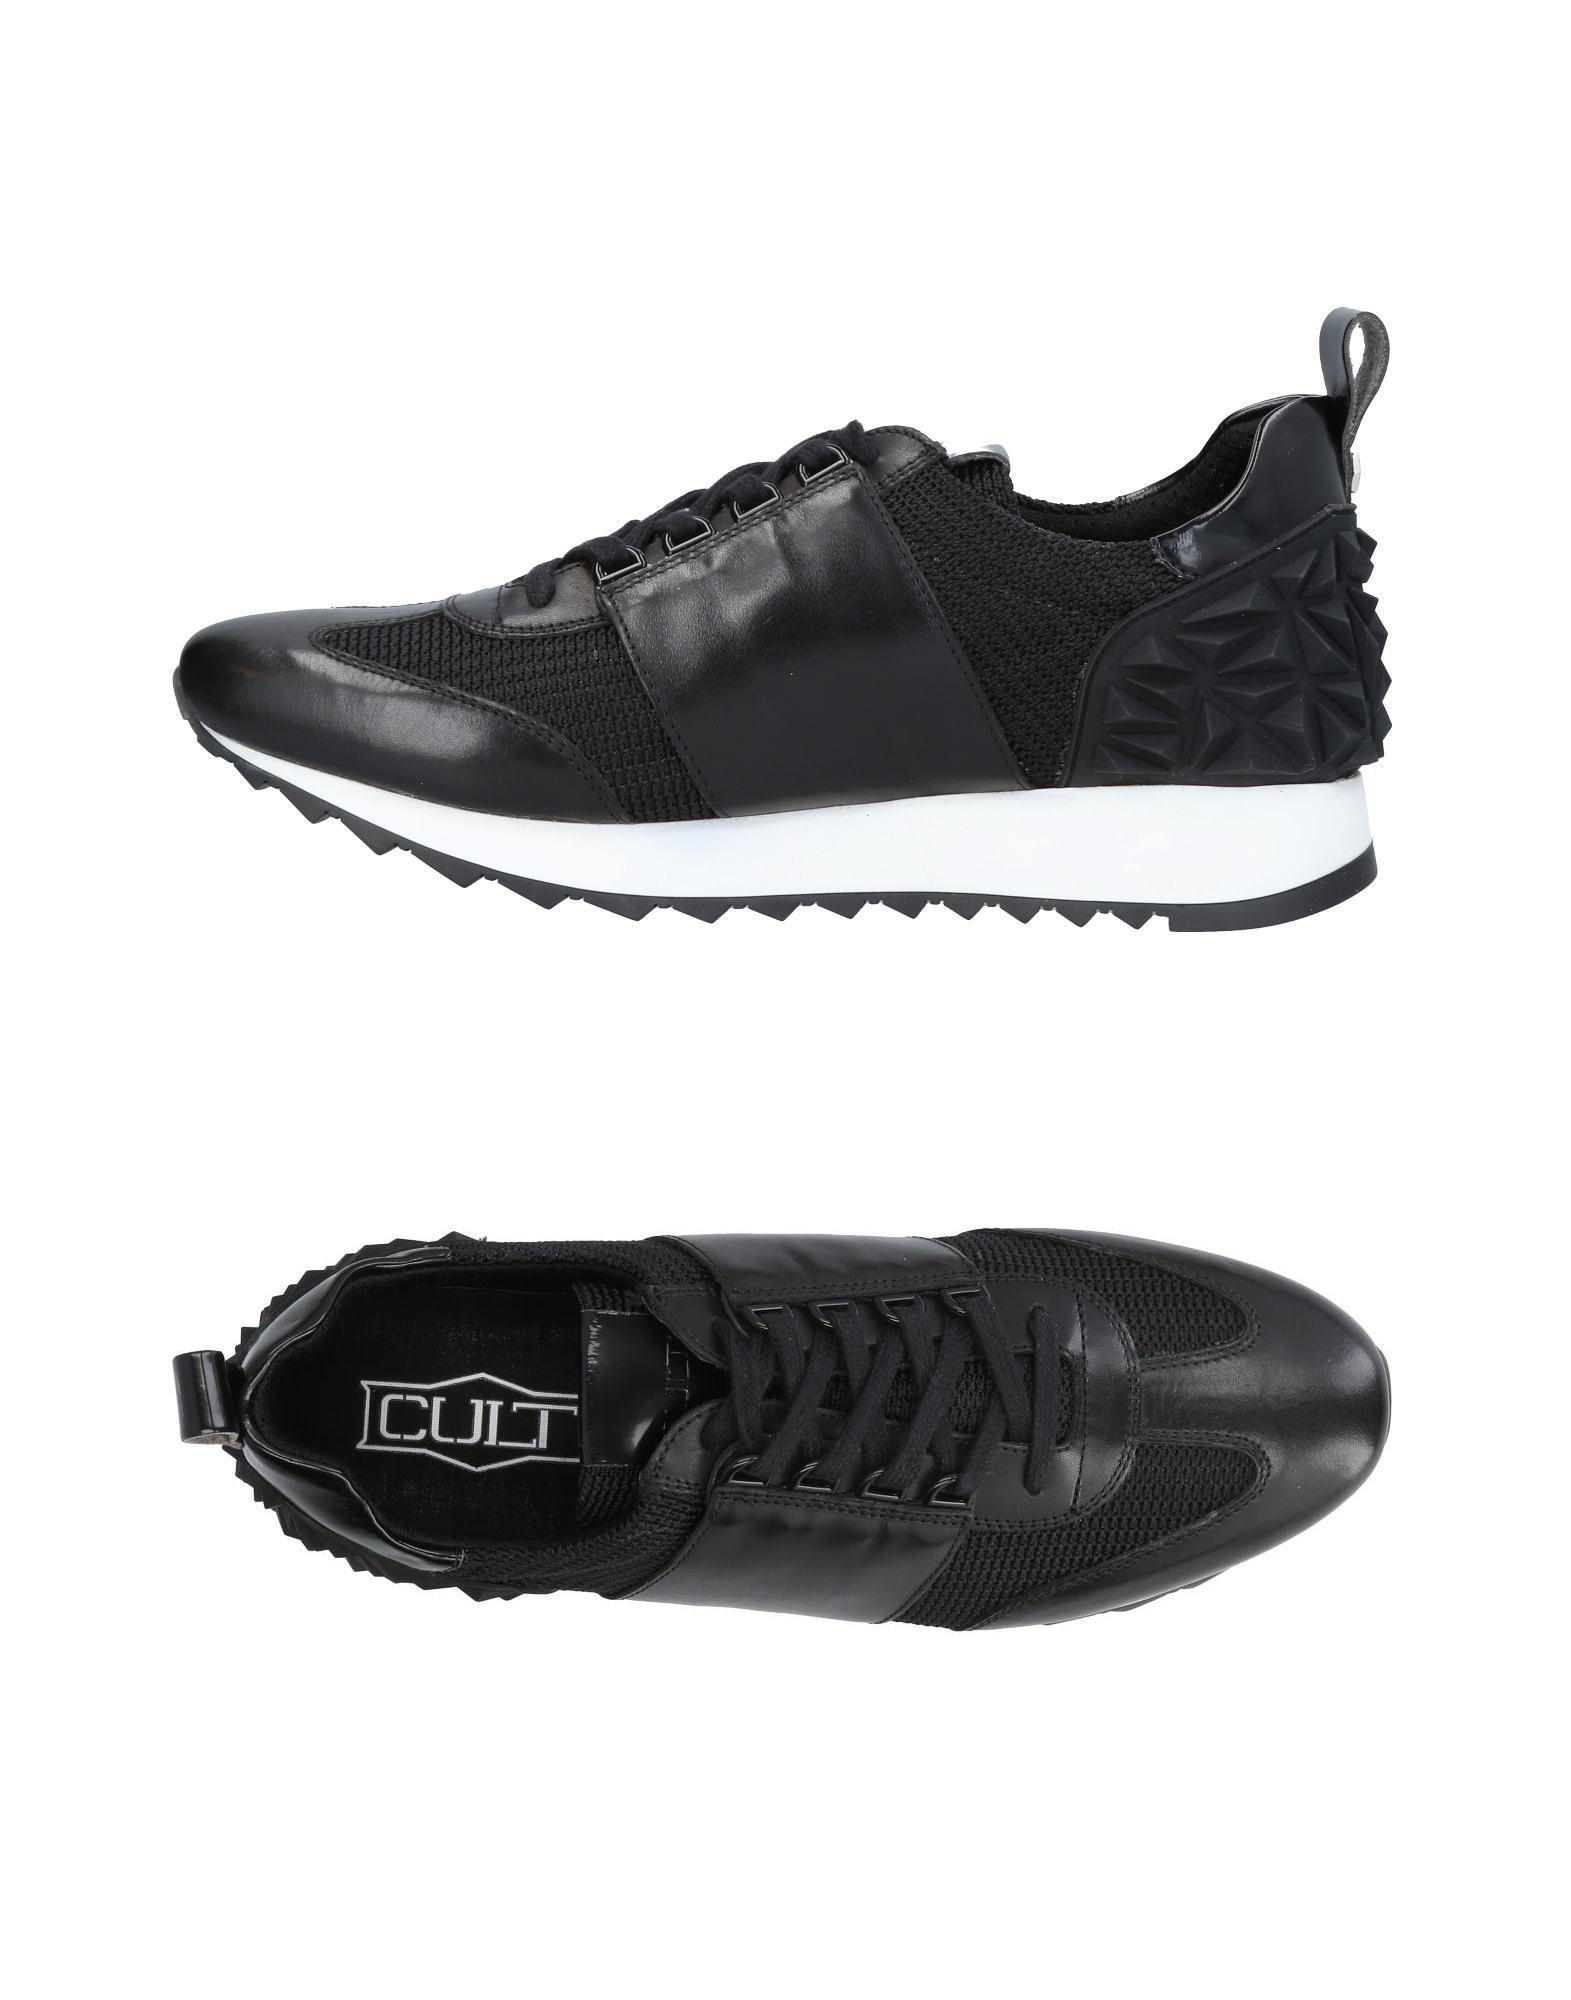 Rabatt Herren echte Schuhe Cult Sneakers Herren Rabatt  11419183AN 89caae